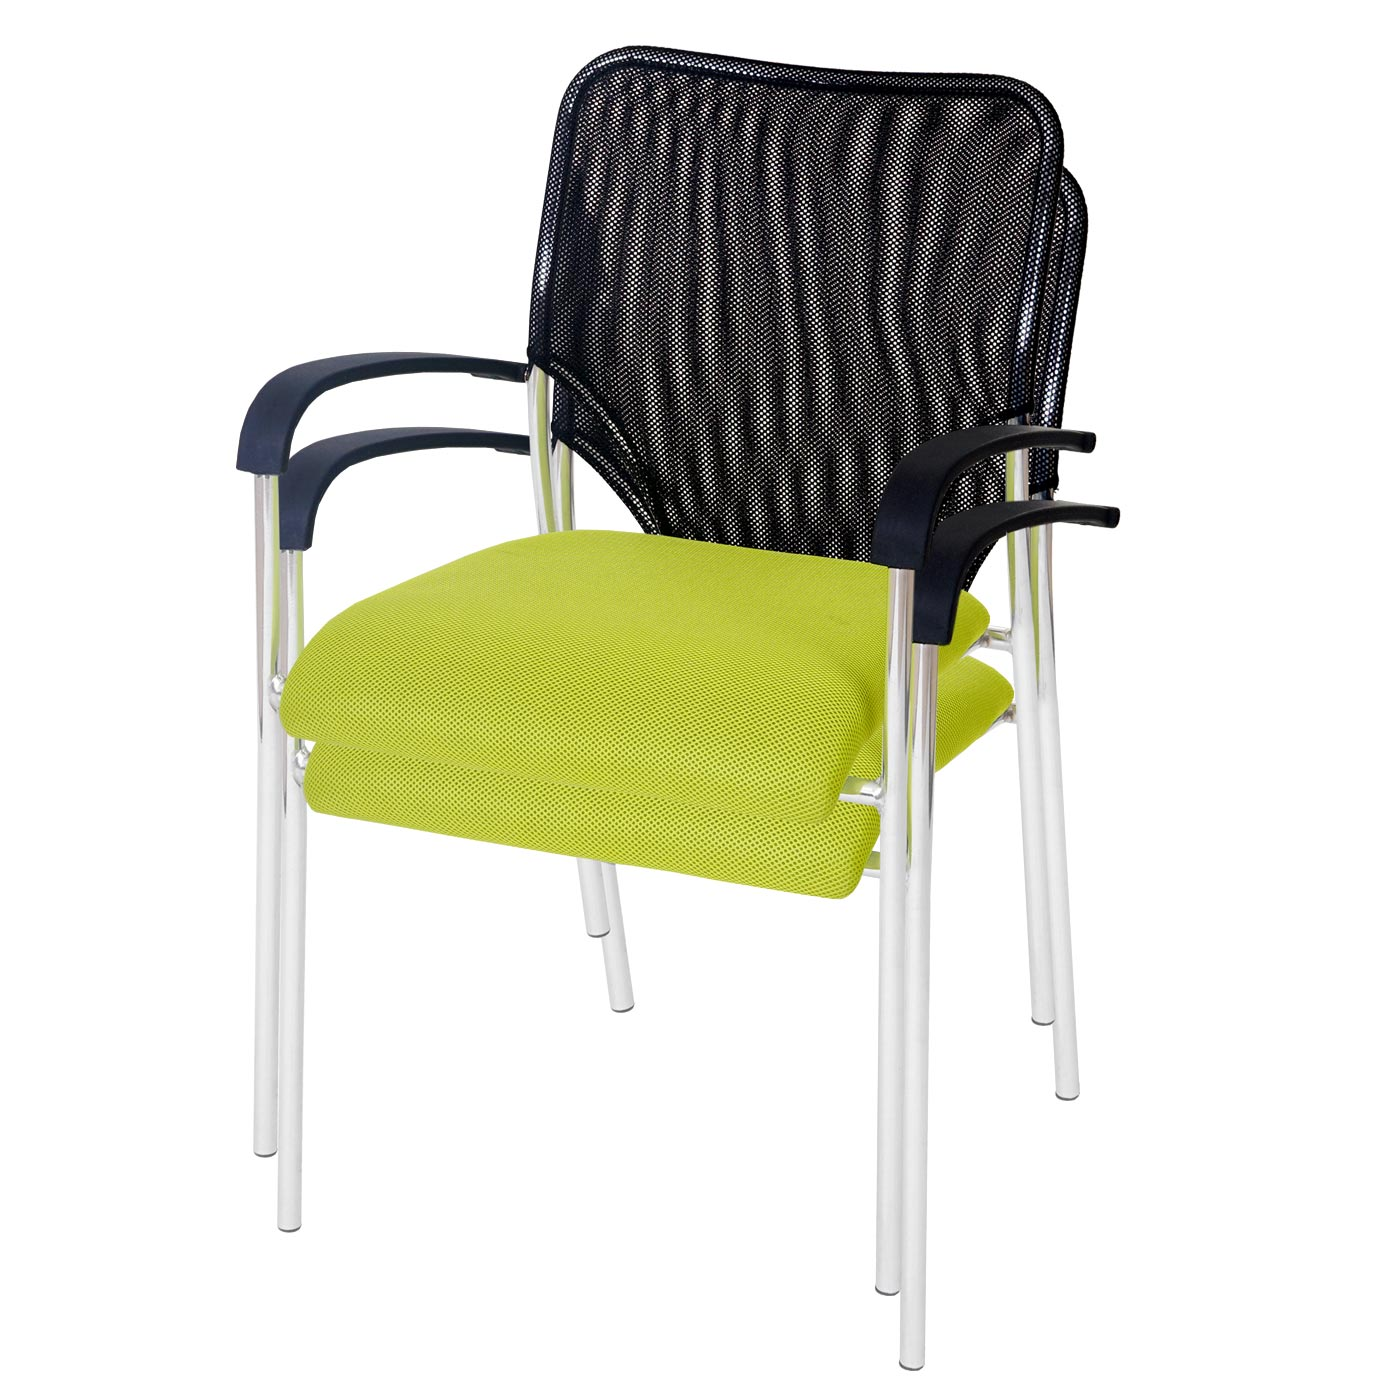 Konferenzstuhl 2er Set Konferenzstühle Besucherstuhl grün mit Armlehnen Praxis